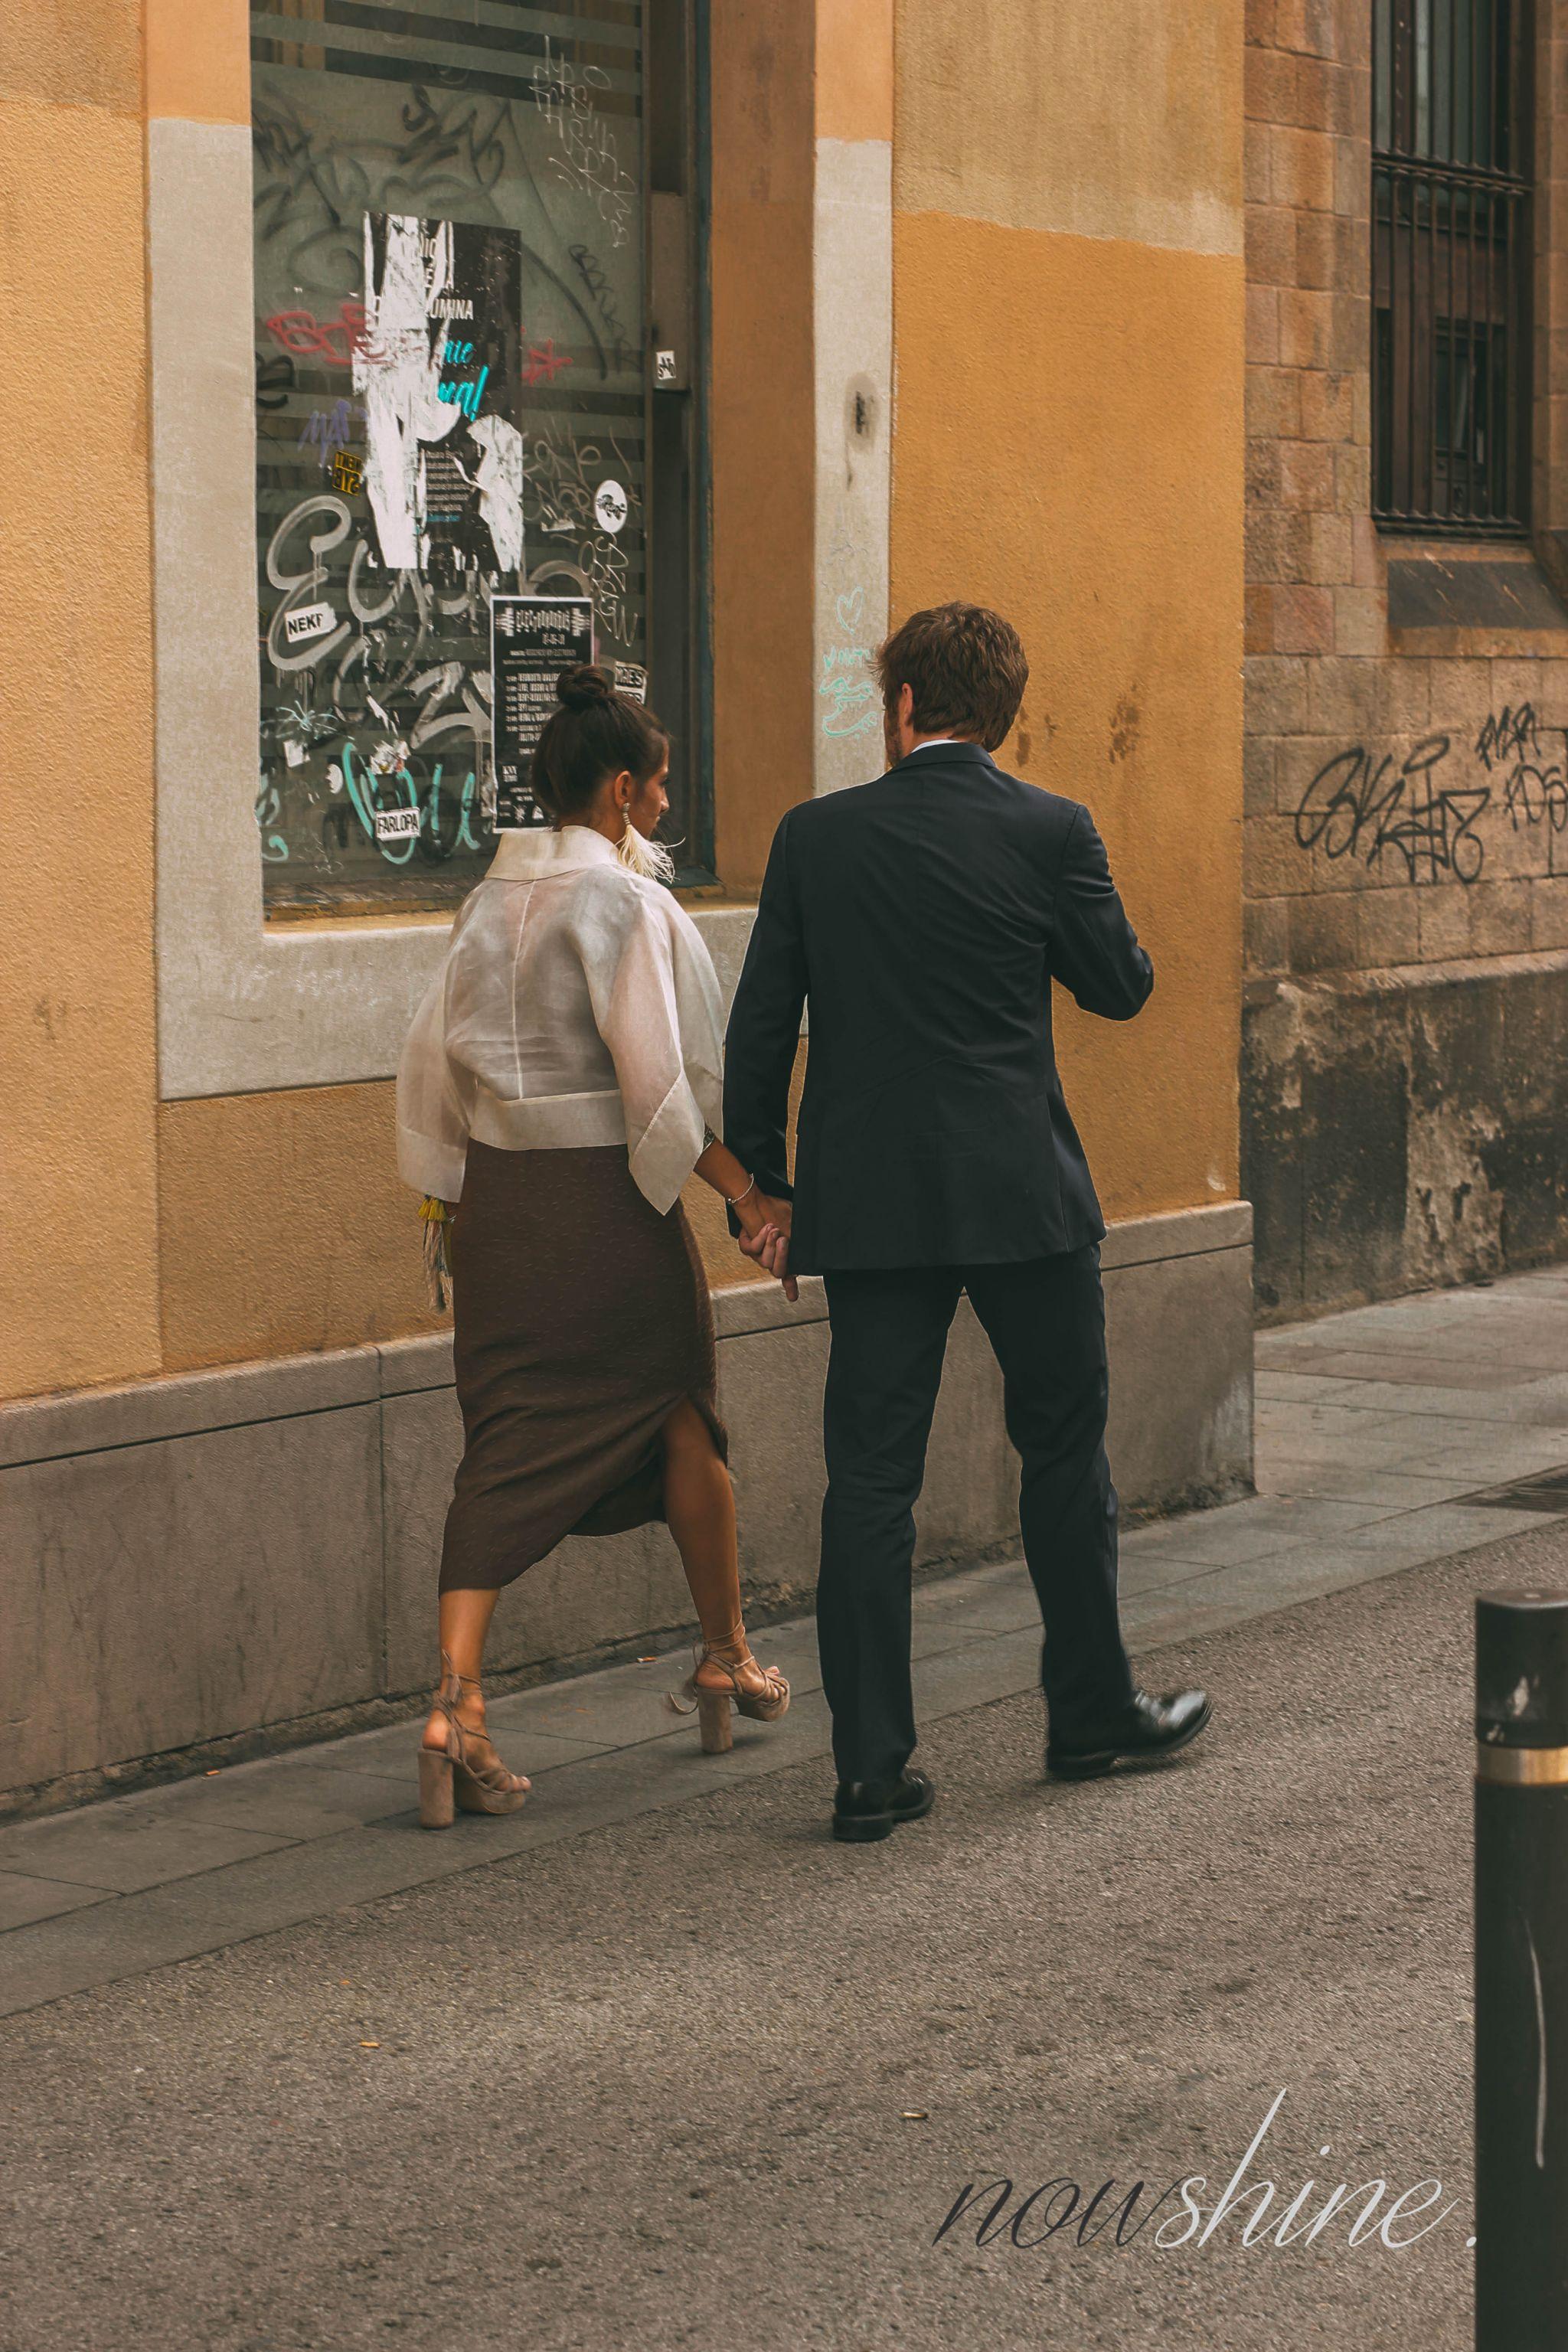 Kurztrip nach Barcelona - Nowshine Reisetipps - Spanisches Pärchen auf der Straße